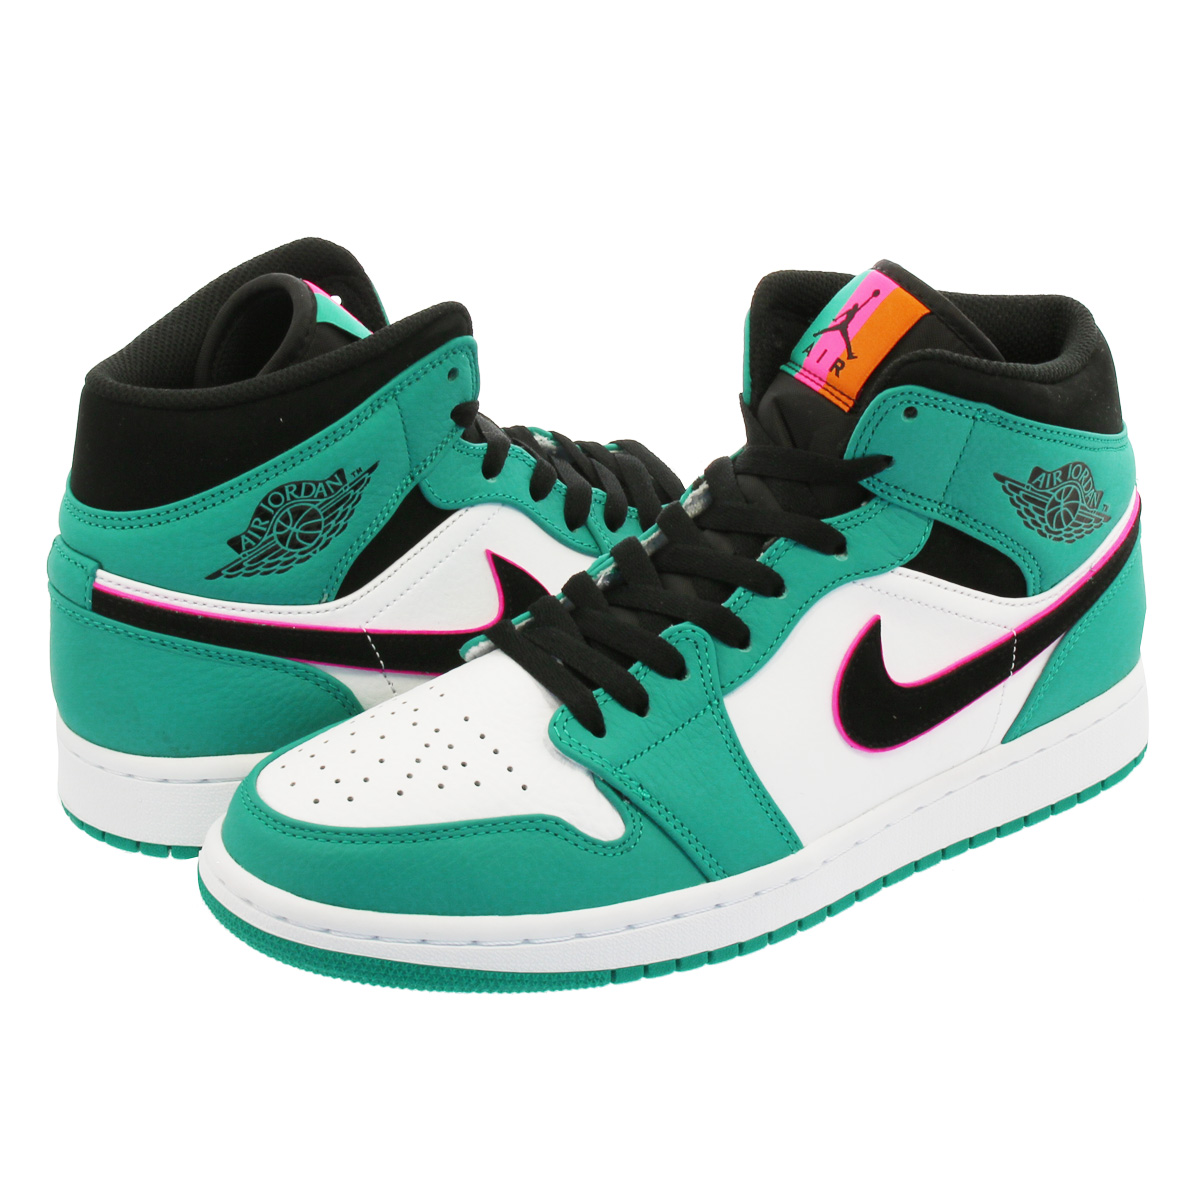 d7570e3c648 NIKE AIR JORDAN 1 MID SE Nike Air Jordan 1 mid SE TURBO GREEN BLACK HYPER  PINK ORANGE PEEL 852